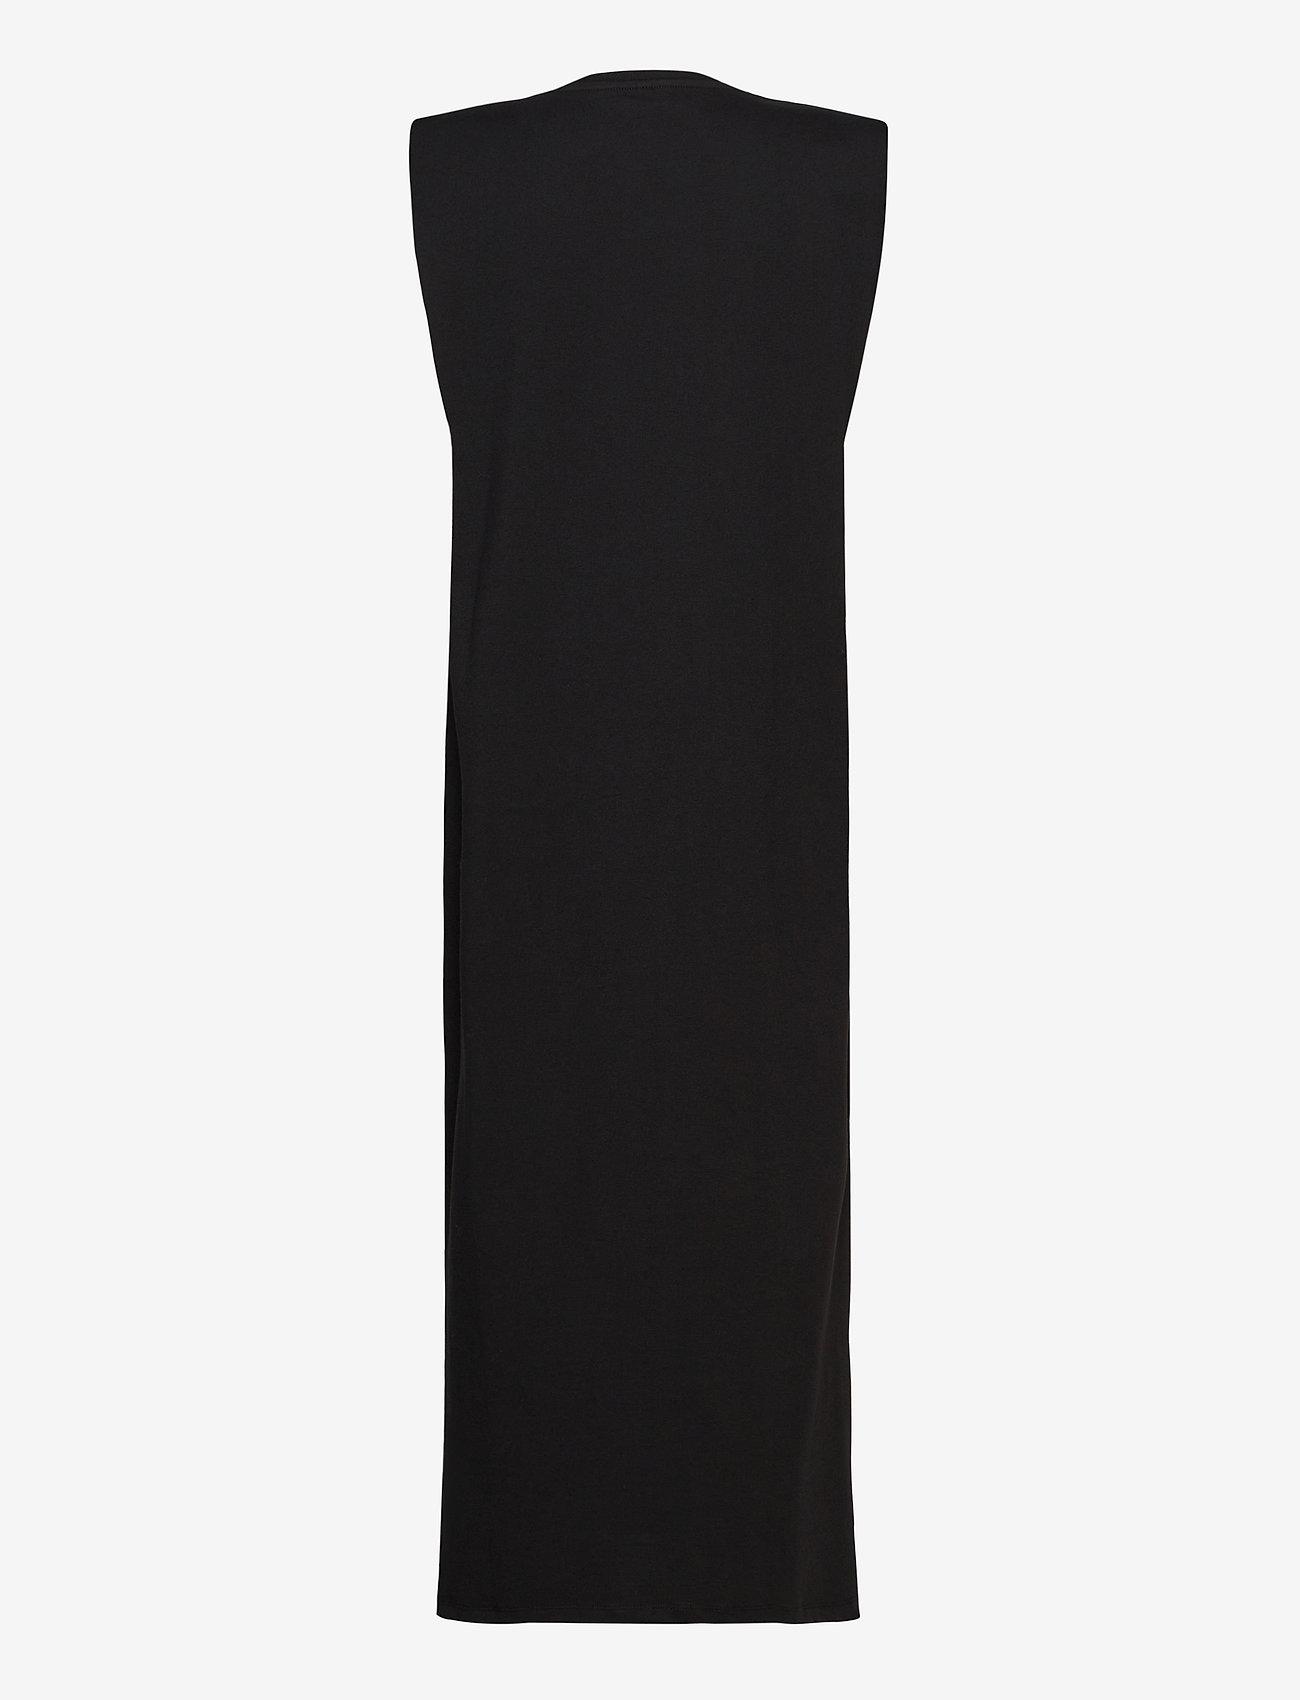 Vero Moda - VMEDEN S/L CALF DRESS SB8 - midiklänningar - black - 1